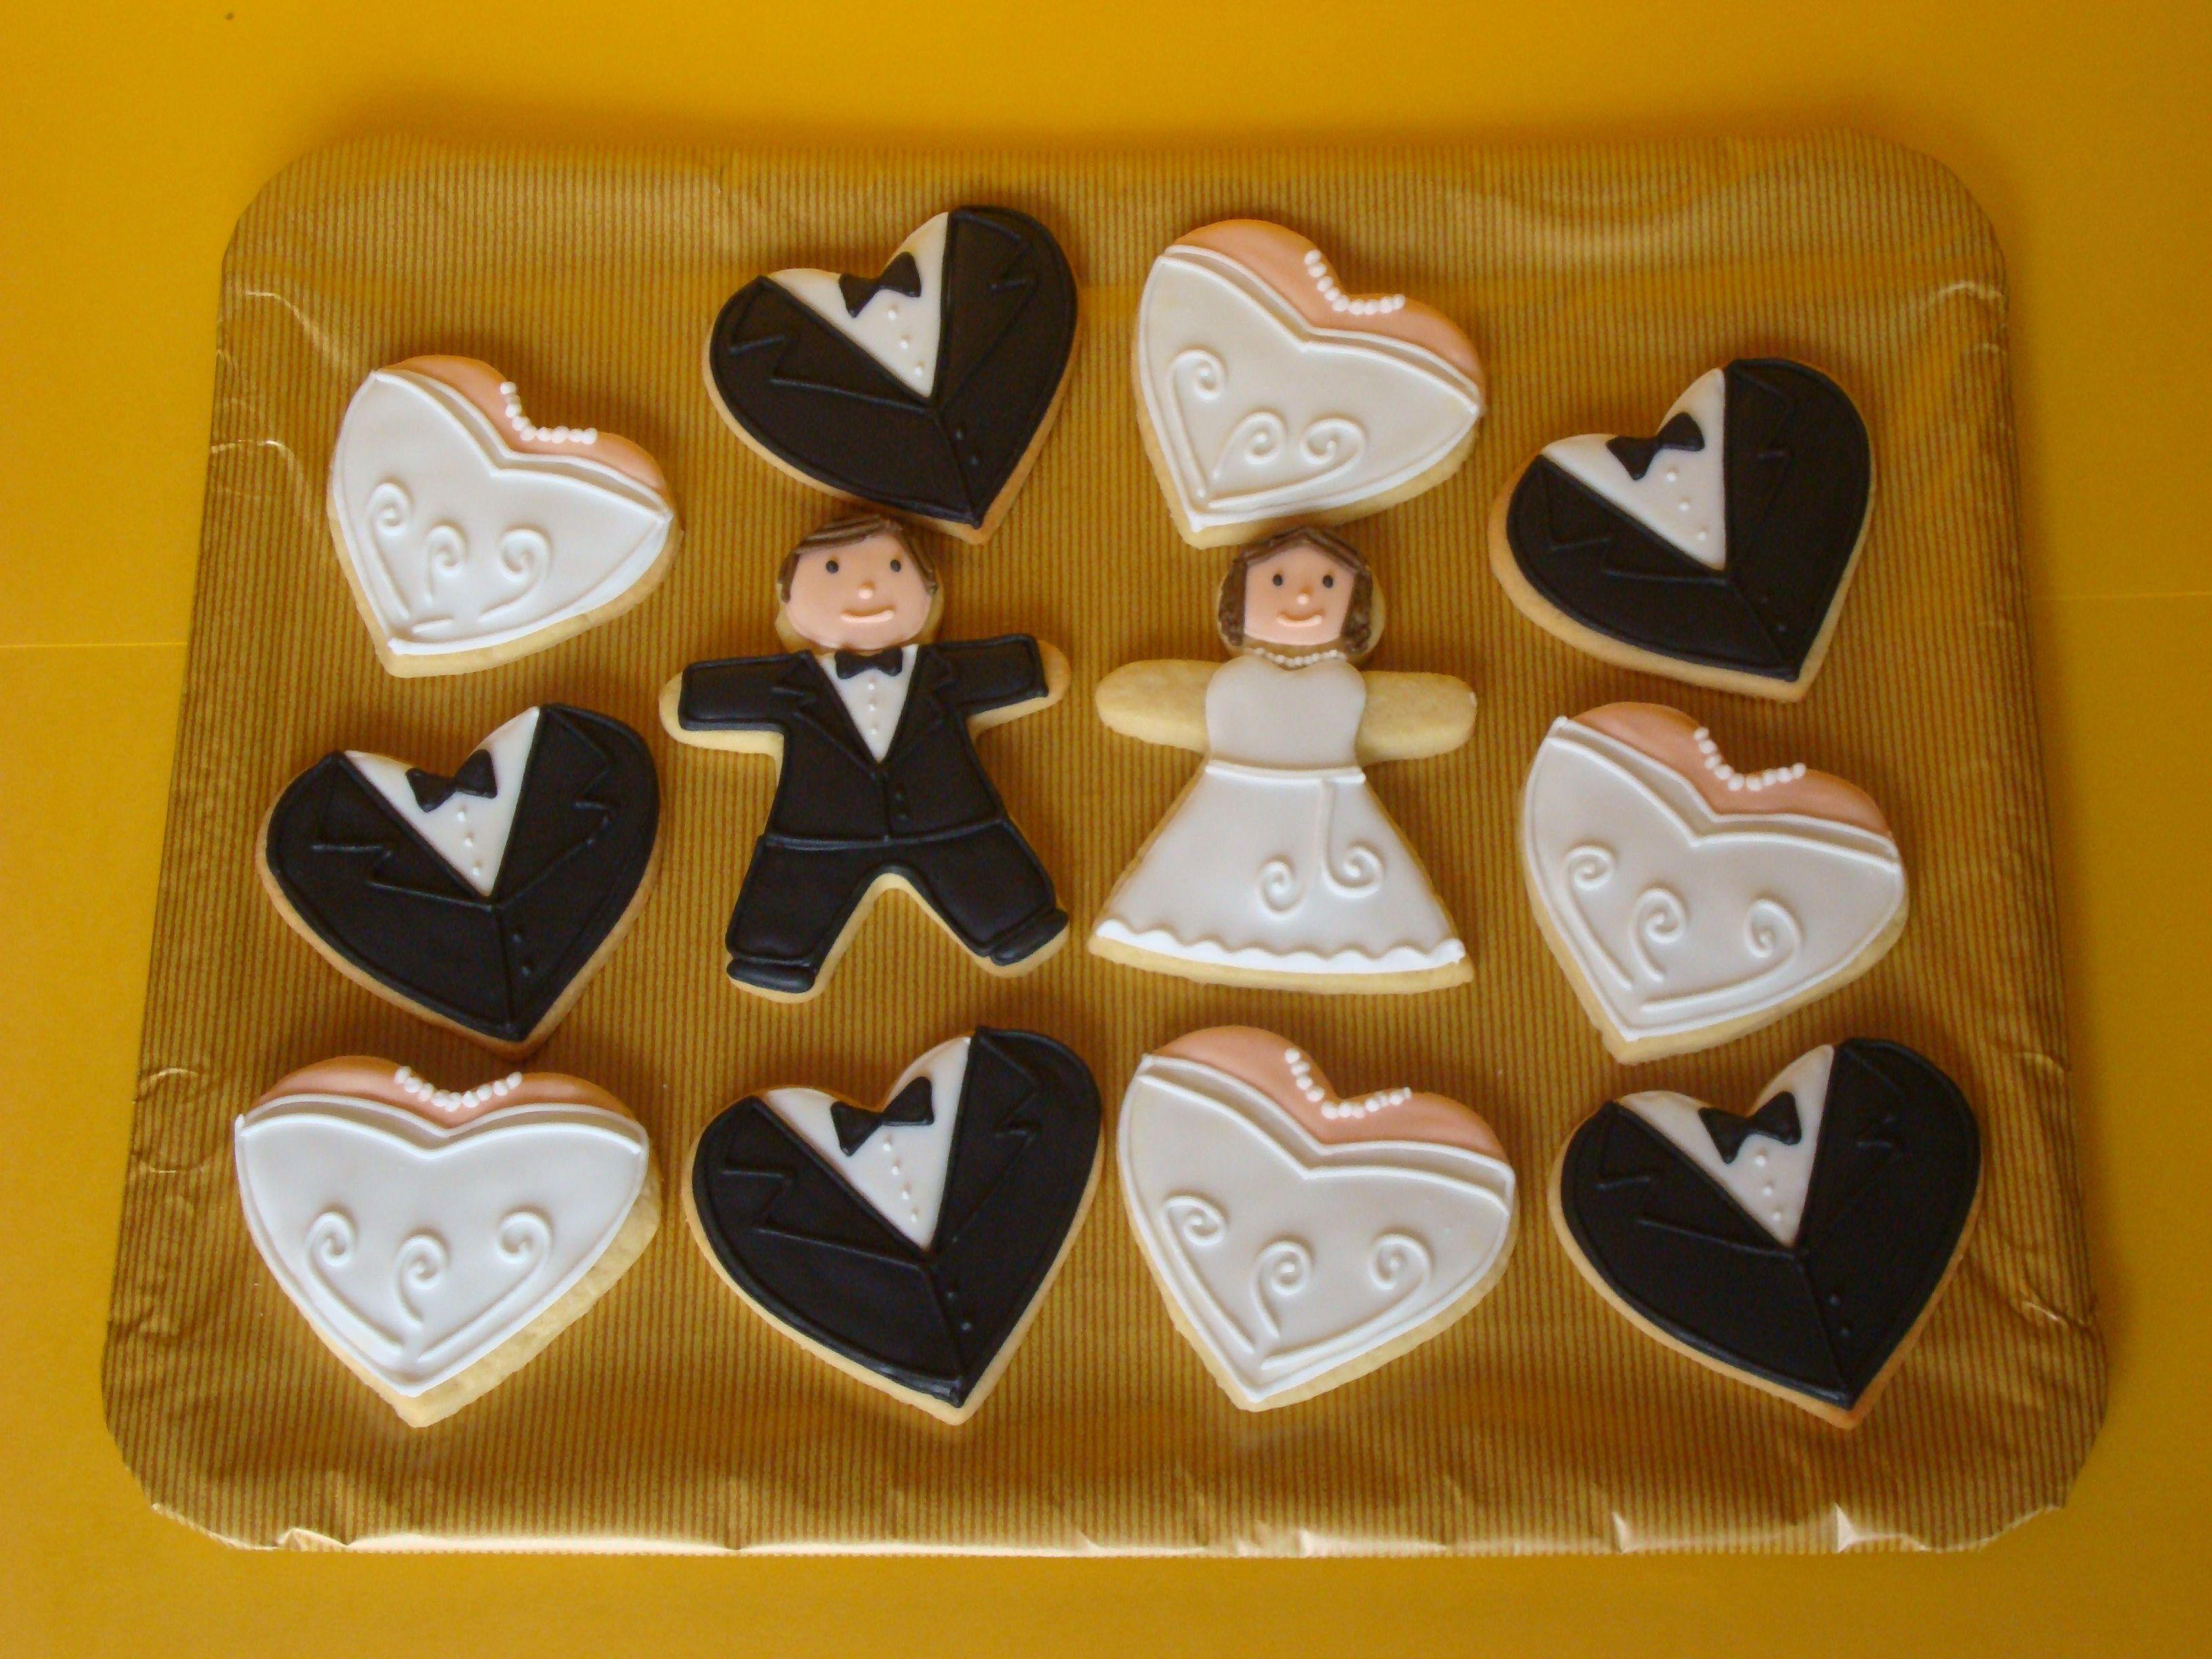 cupcake recipes for bridal shower%0A Galletas Decoradas con mu  ecos de los novios y coraz  n de novio y novia   Wedding Cookies